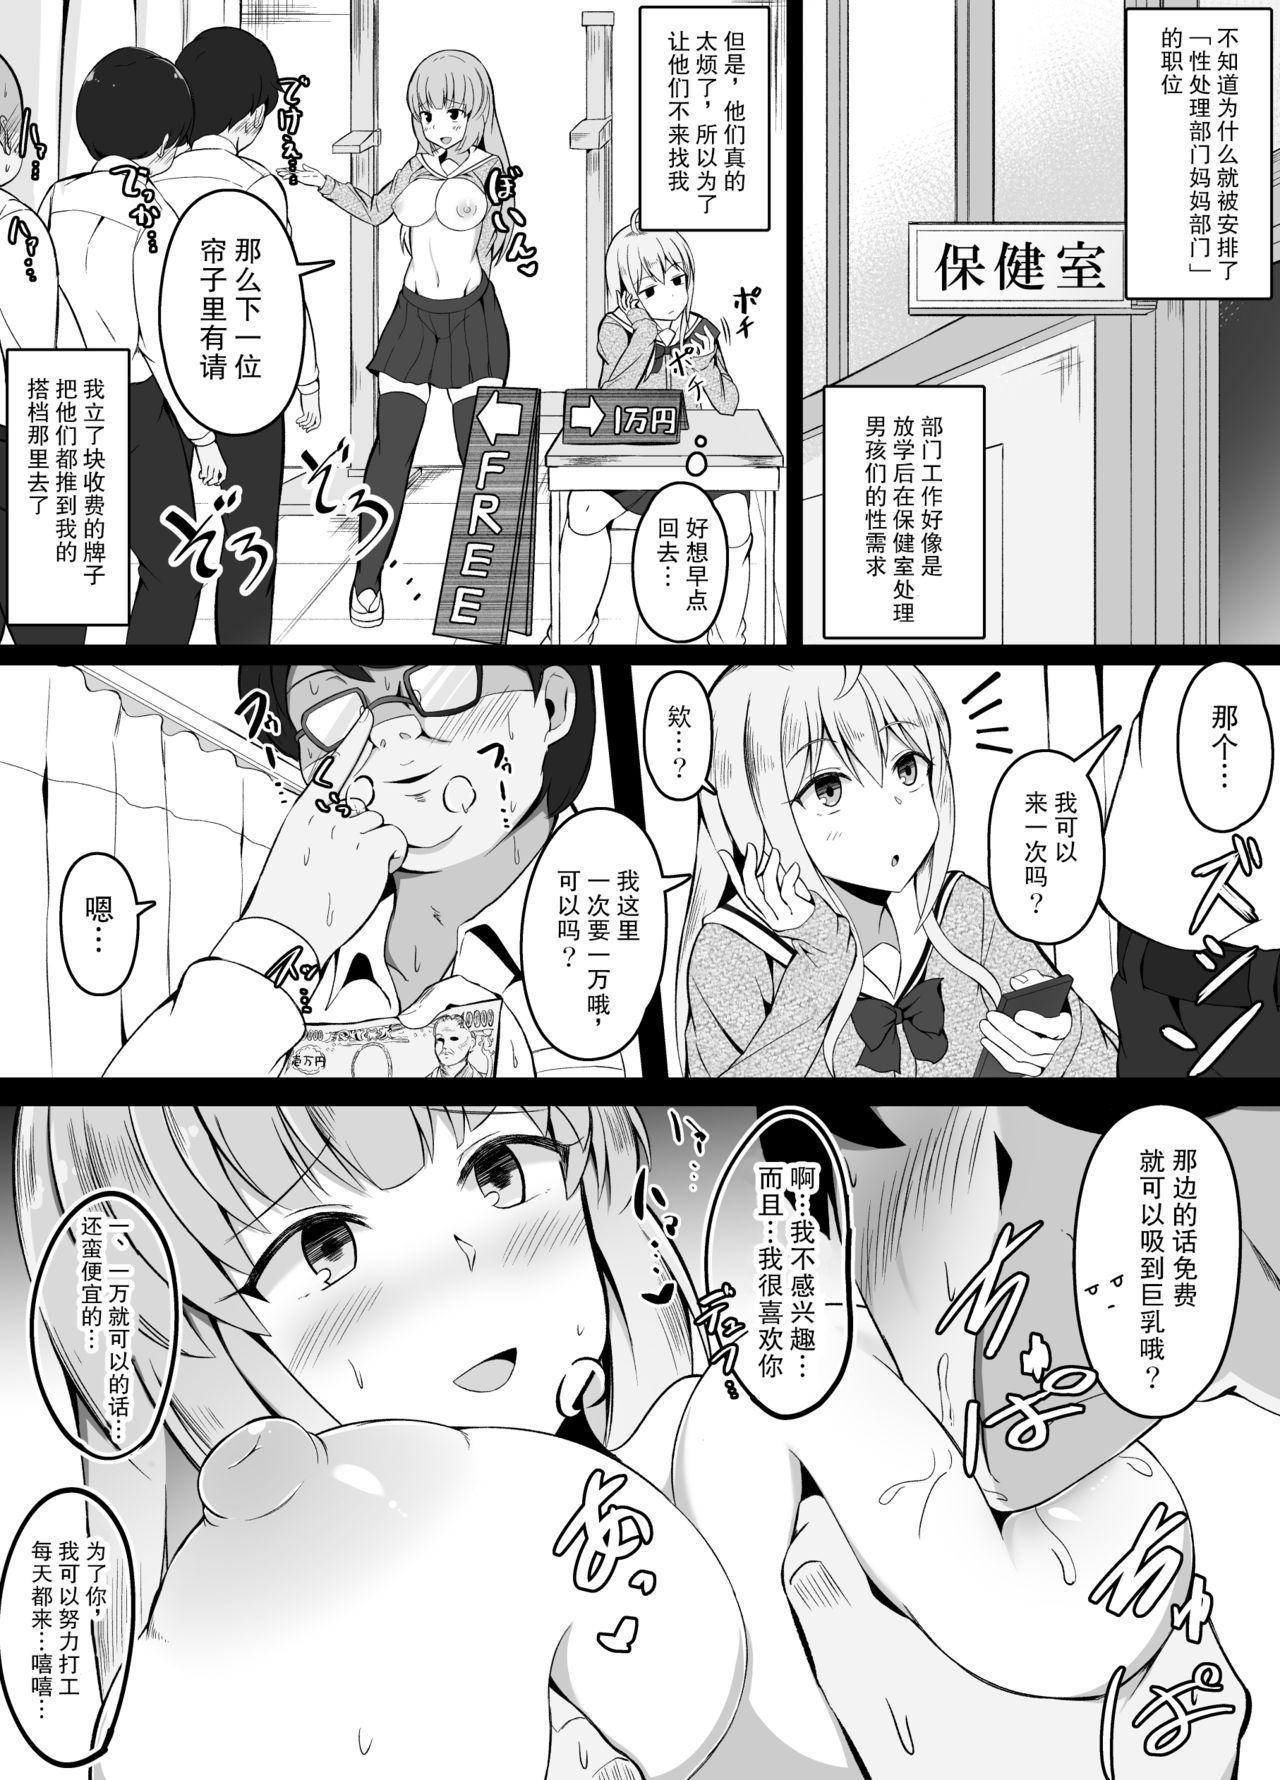 Gakkou Ichinichi Yasunda dake de Tondemonai Gakari ni Irerareta Onnanoko 4